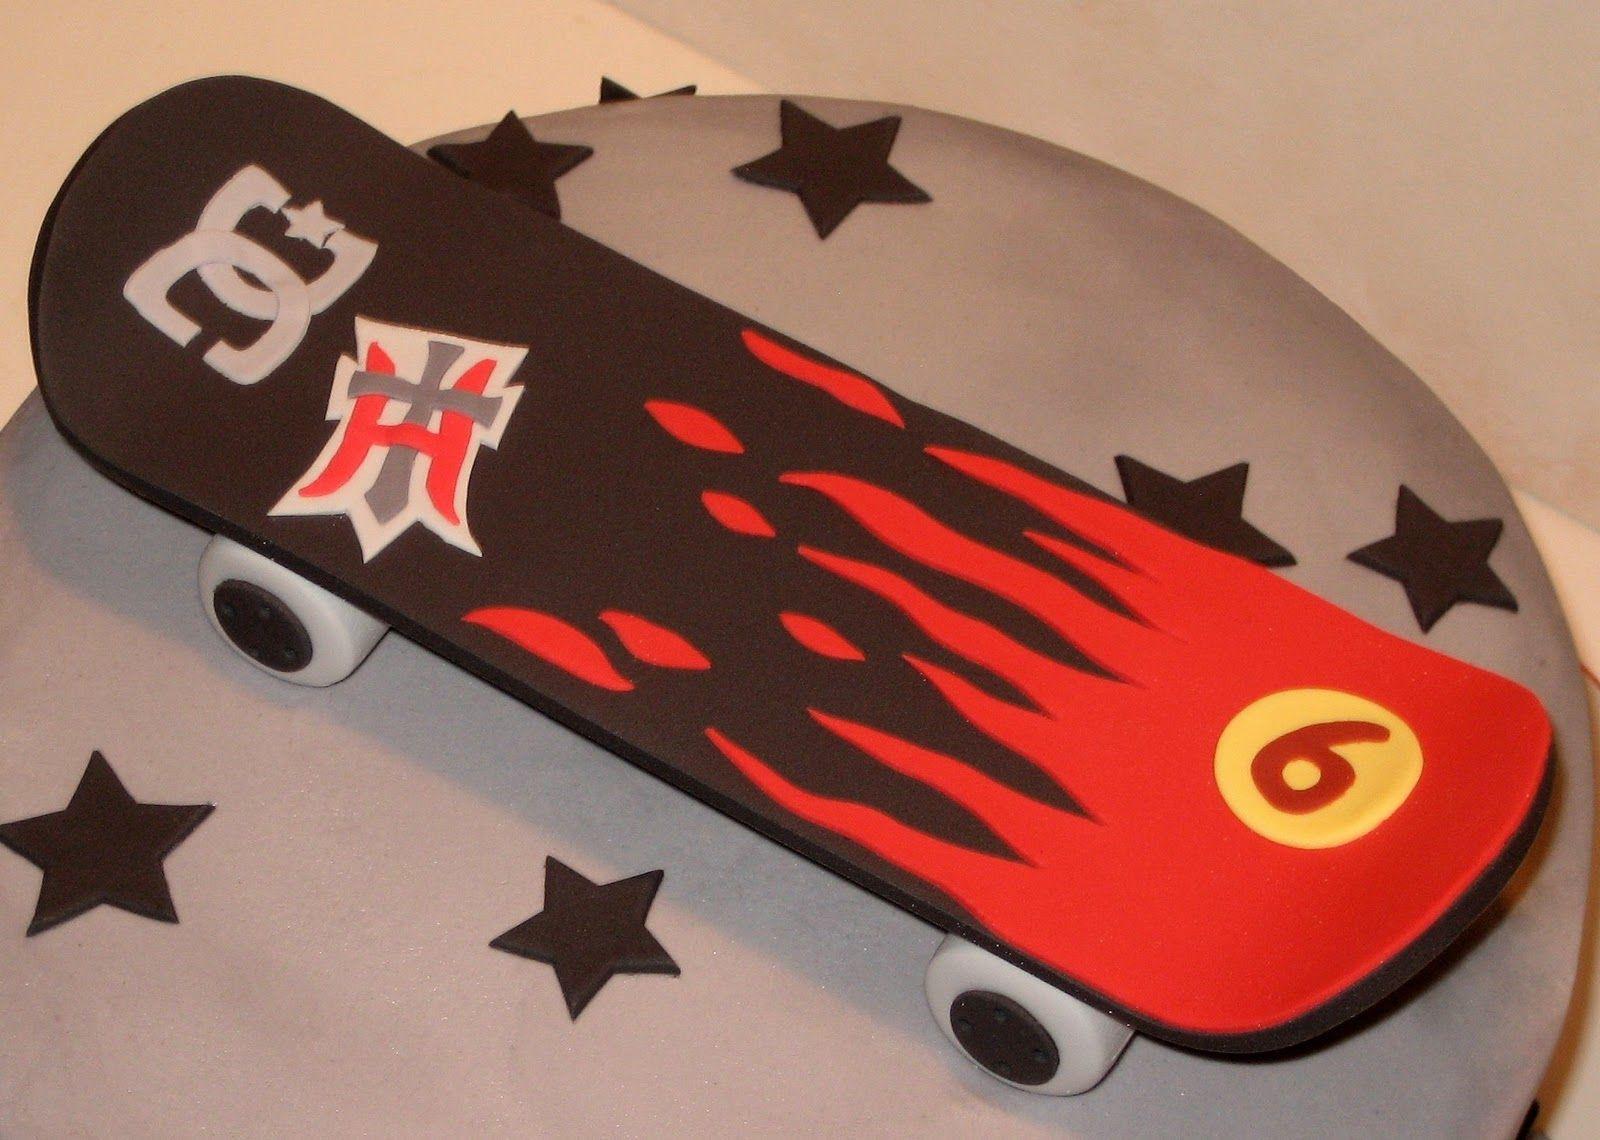 sweet+skateboard+2.jpg 1 600 × 1 140 pixels | Skateboard party ...